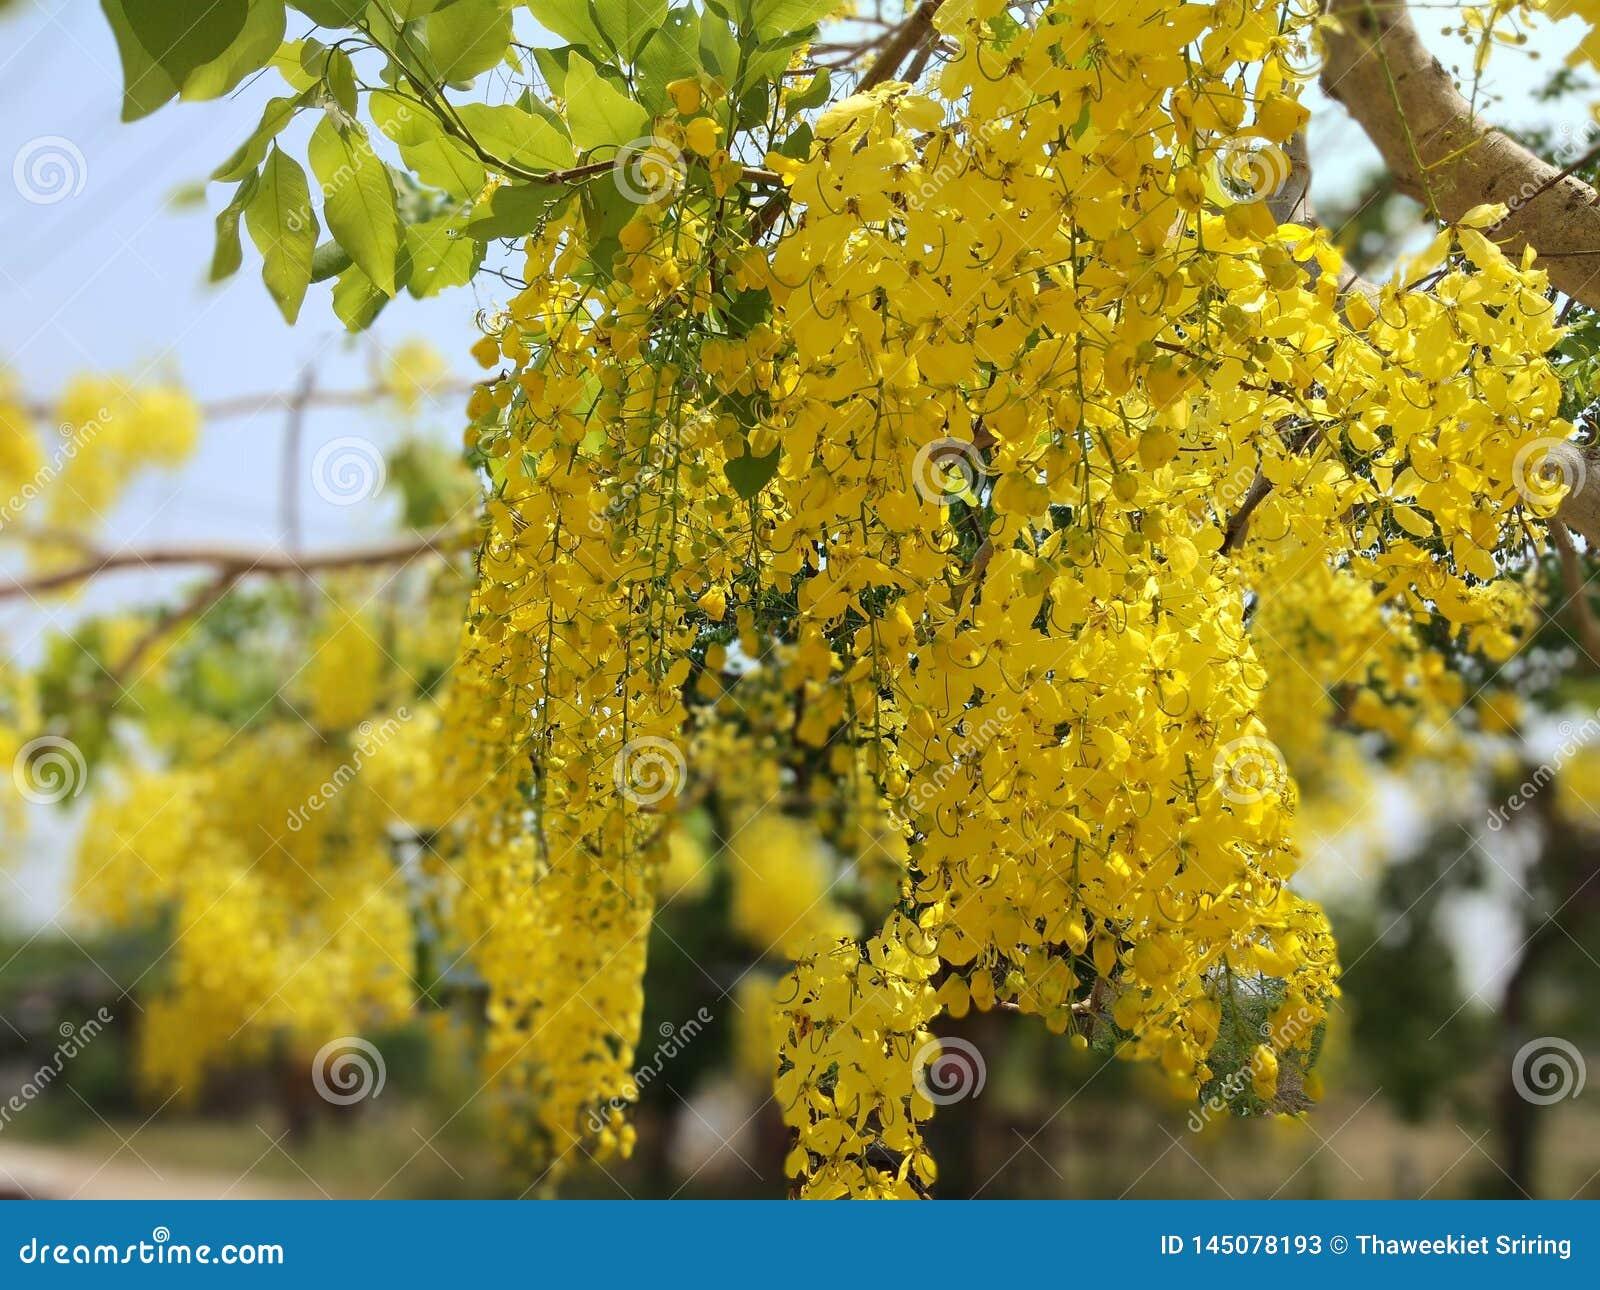 Фистулу кассии, красивый желтый цвет, можно использовать как фоновое и